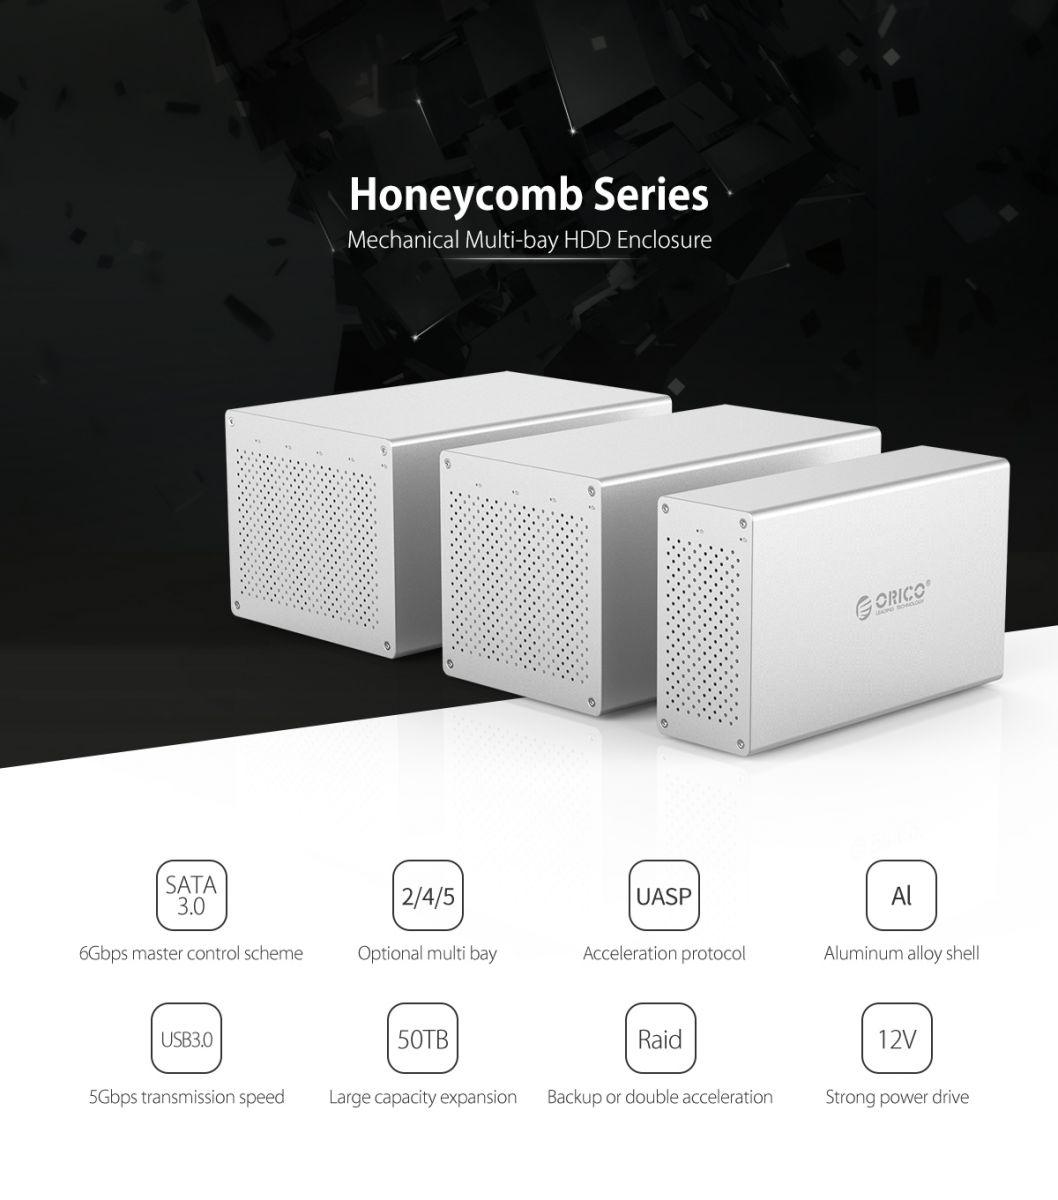 Orico Honeycomb Docking Hdd 35 Inch 2 Bay Usb 30 Ws200u3 1bay Protection Case Ps35 5 Merupakan Harddisk Yang Dilengkapi Dengan Buah Slot Berukuran Kapasitas Maksimal Hingga 20tb Dan Koneksi